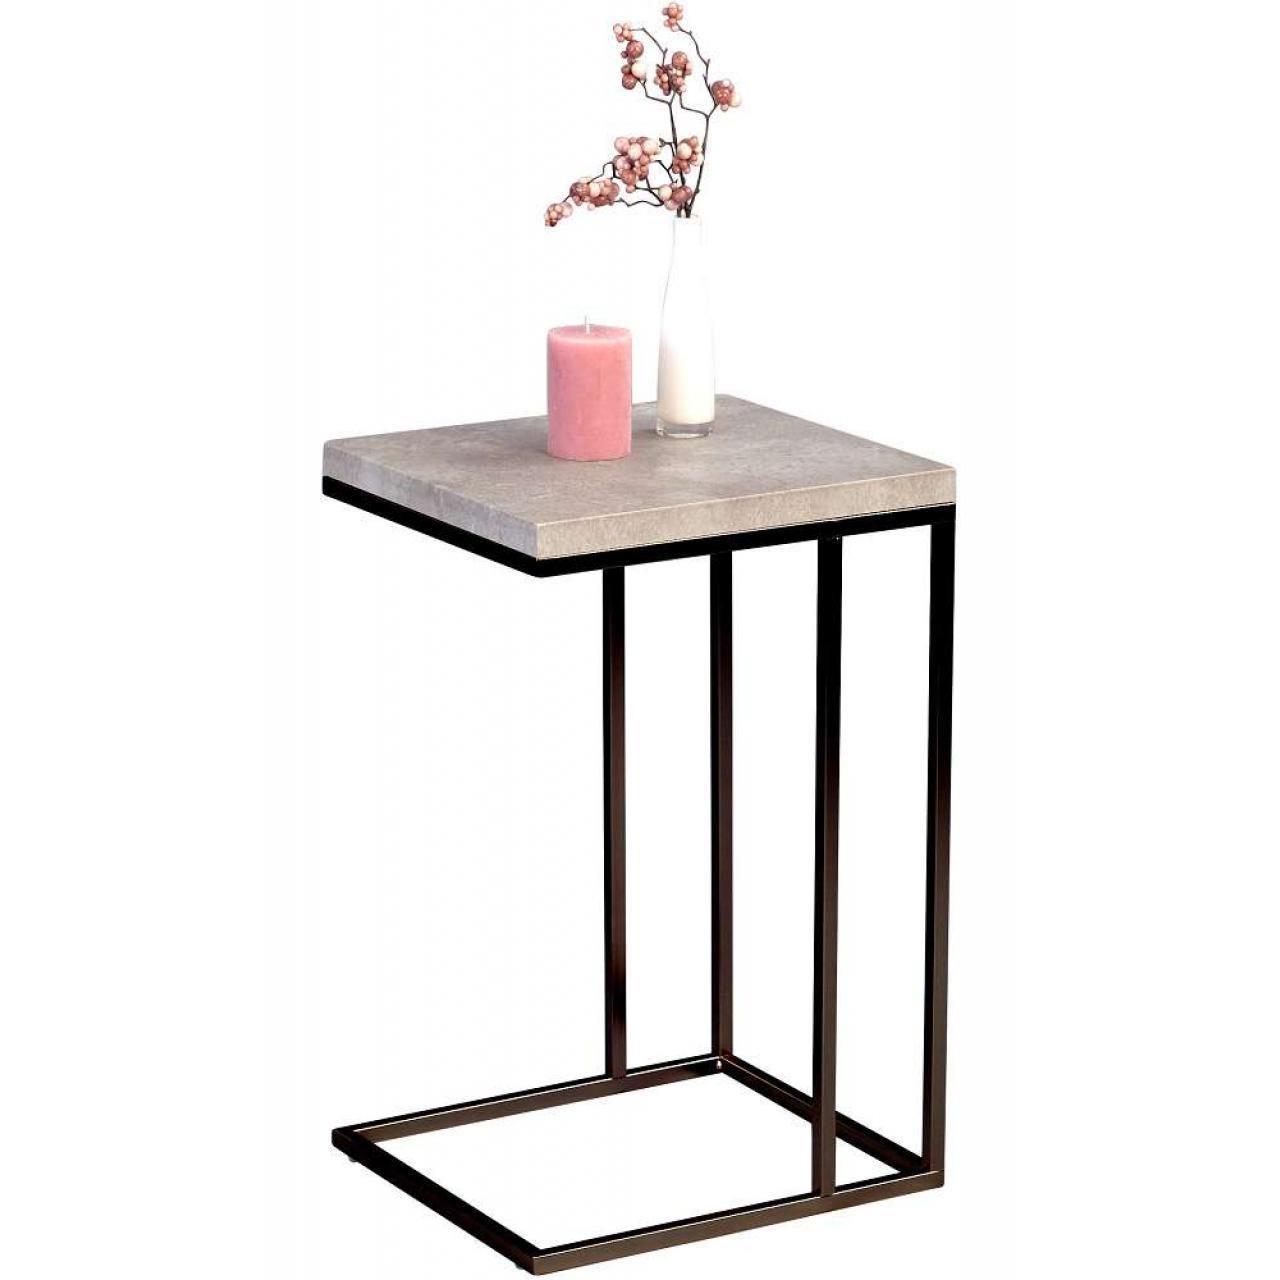 beistelltsich guido betonoptik beim bel wohnen m bel j hnichen center gmbh. Black Bedroom Furniture Sets. Home Design Ideas